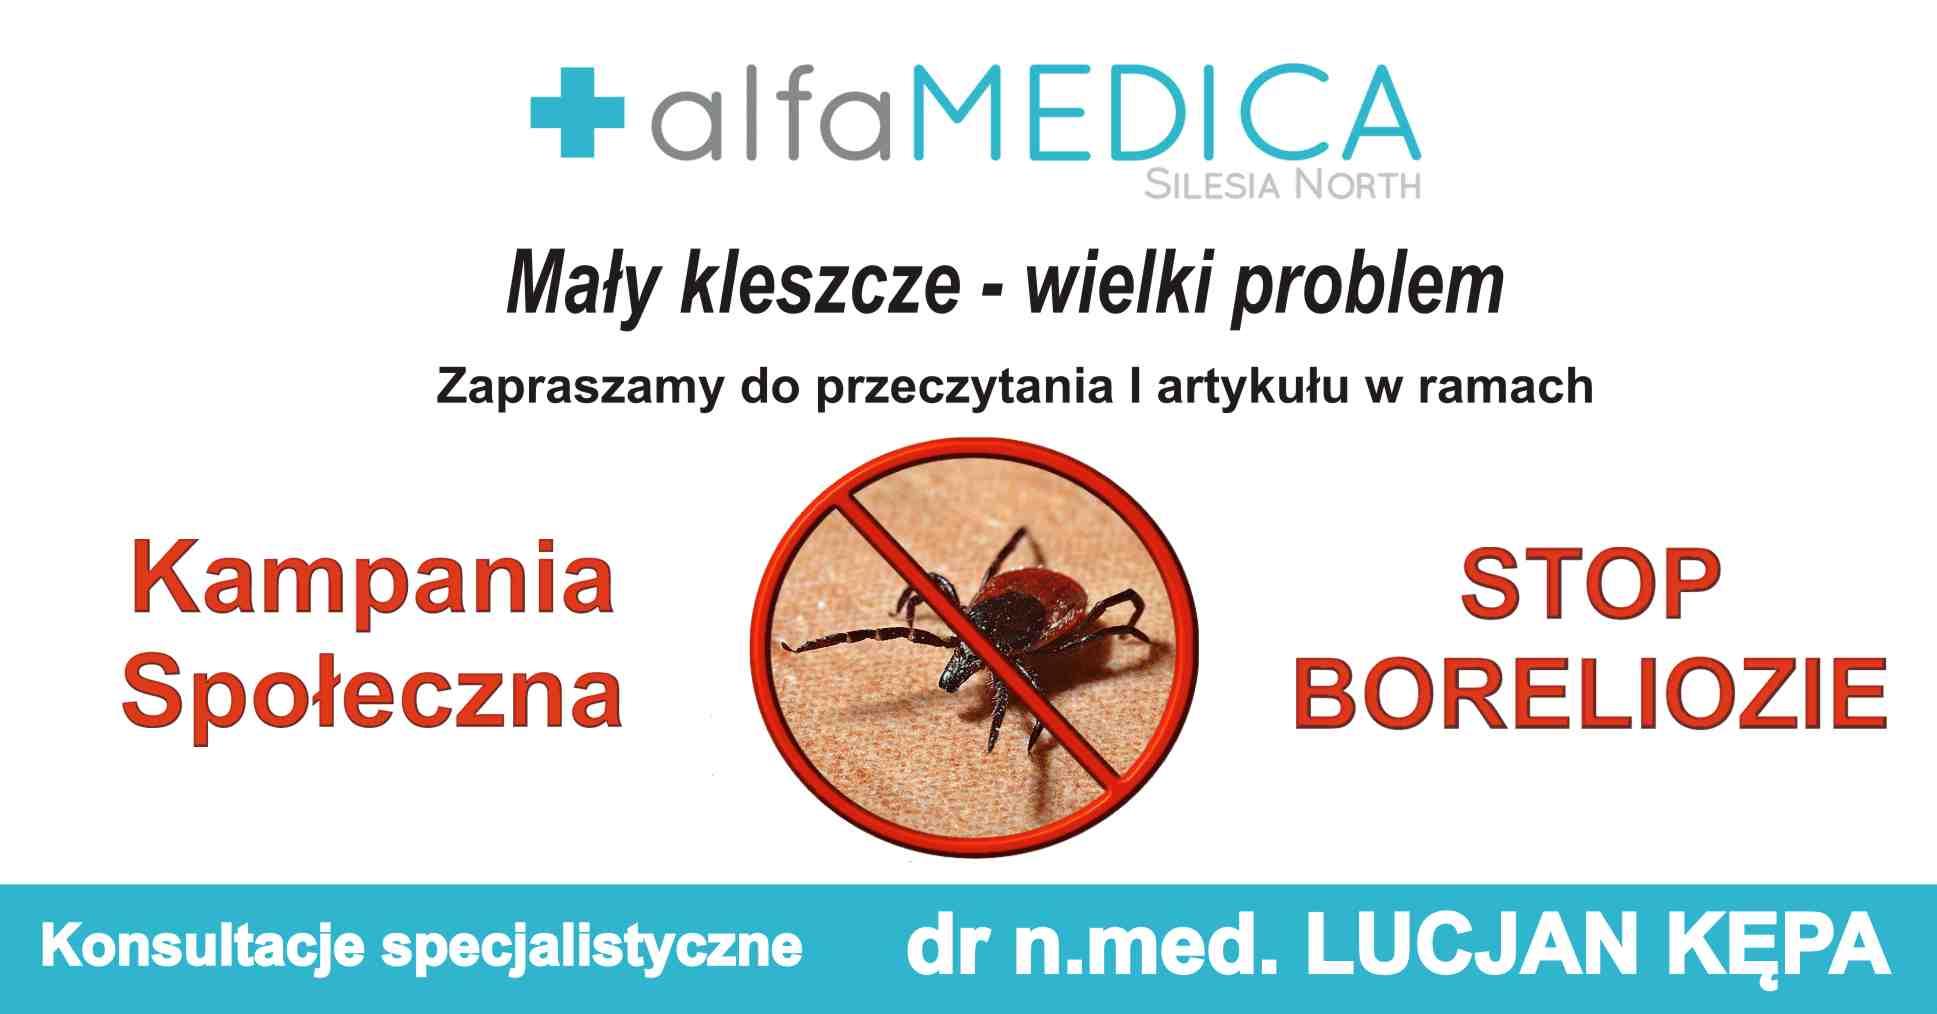 kleszcze_borelioza